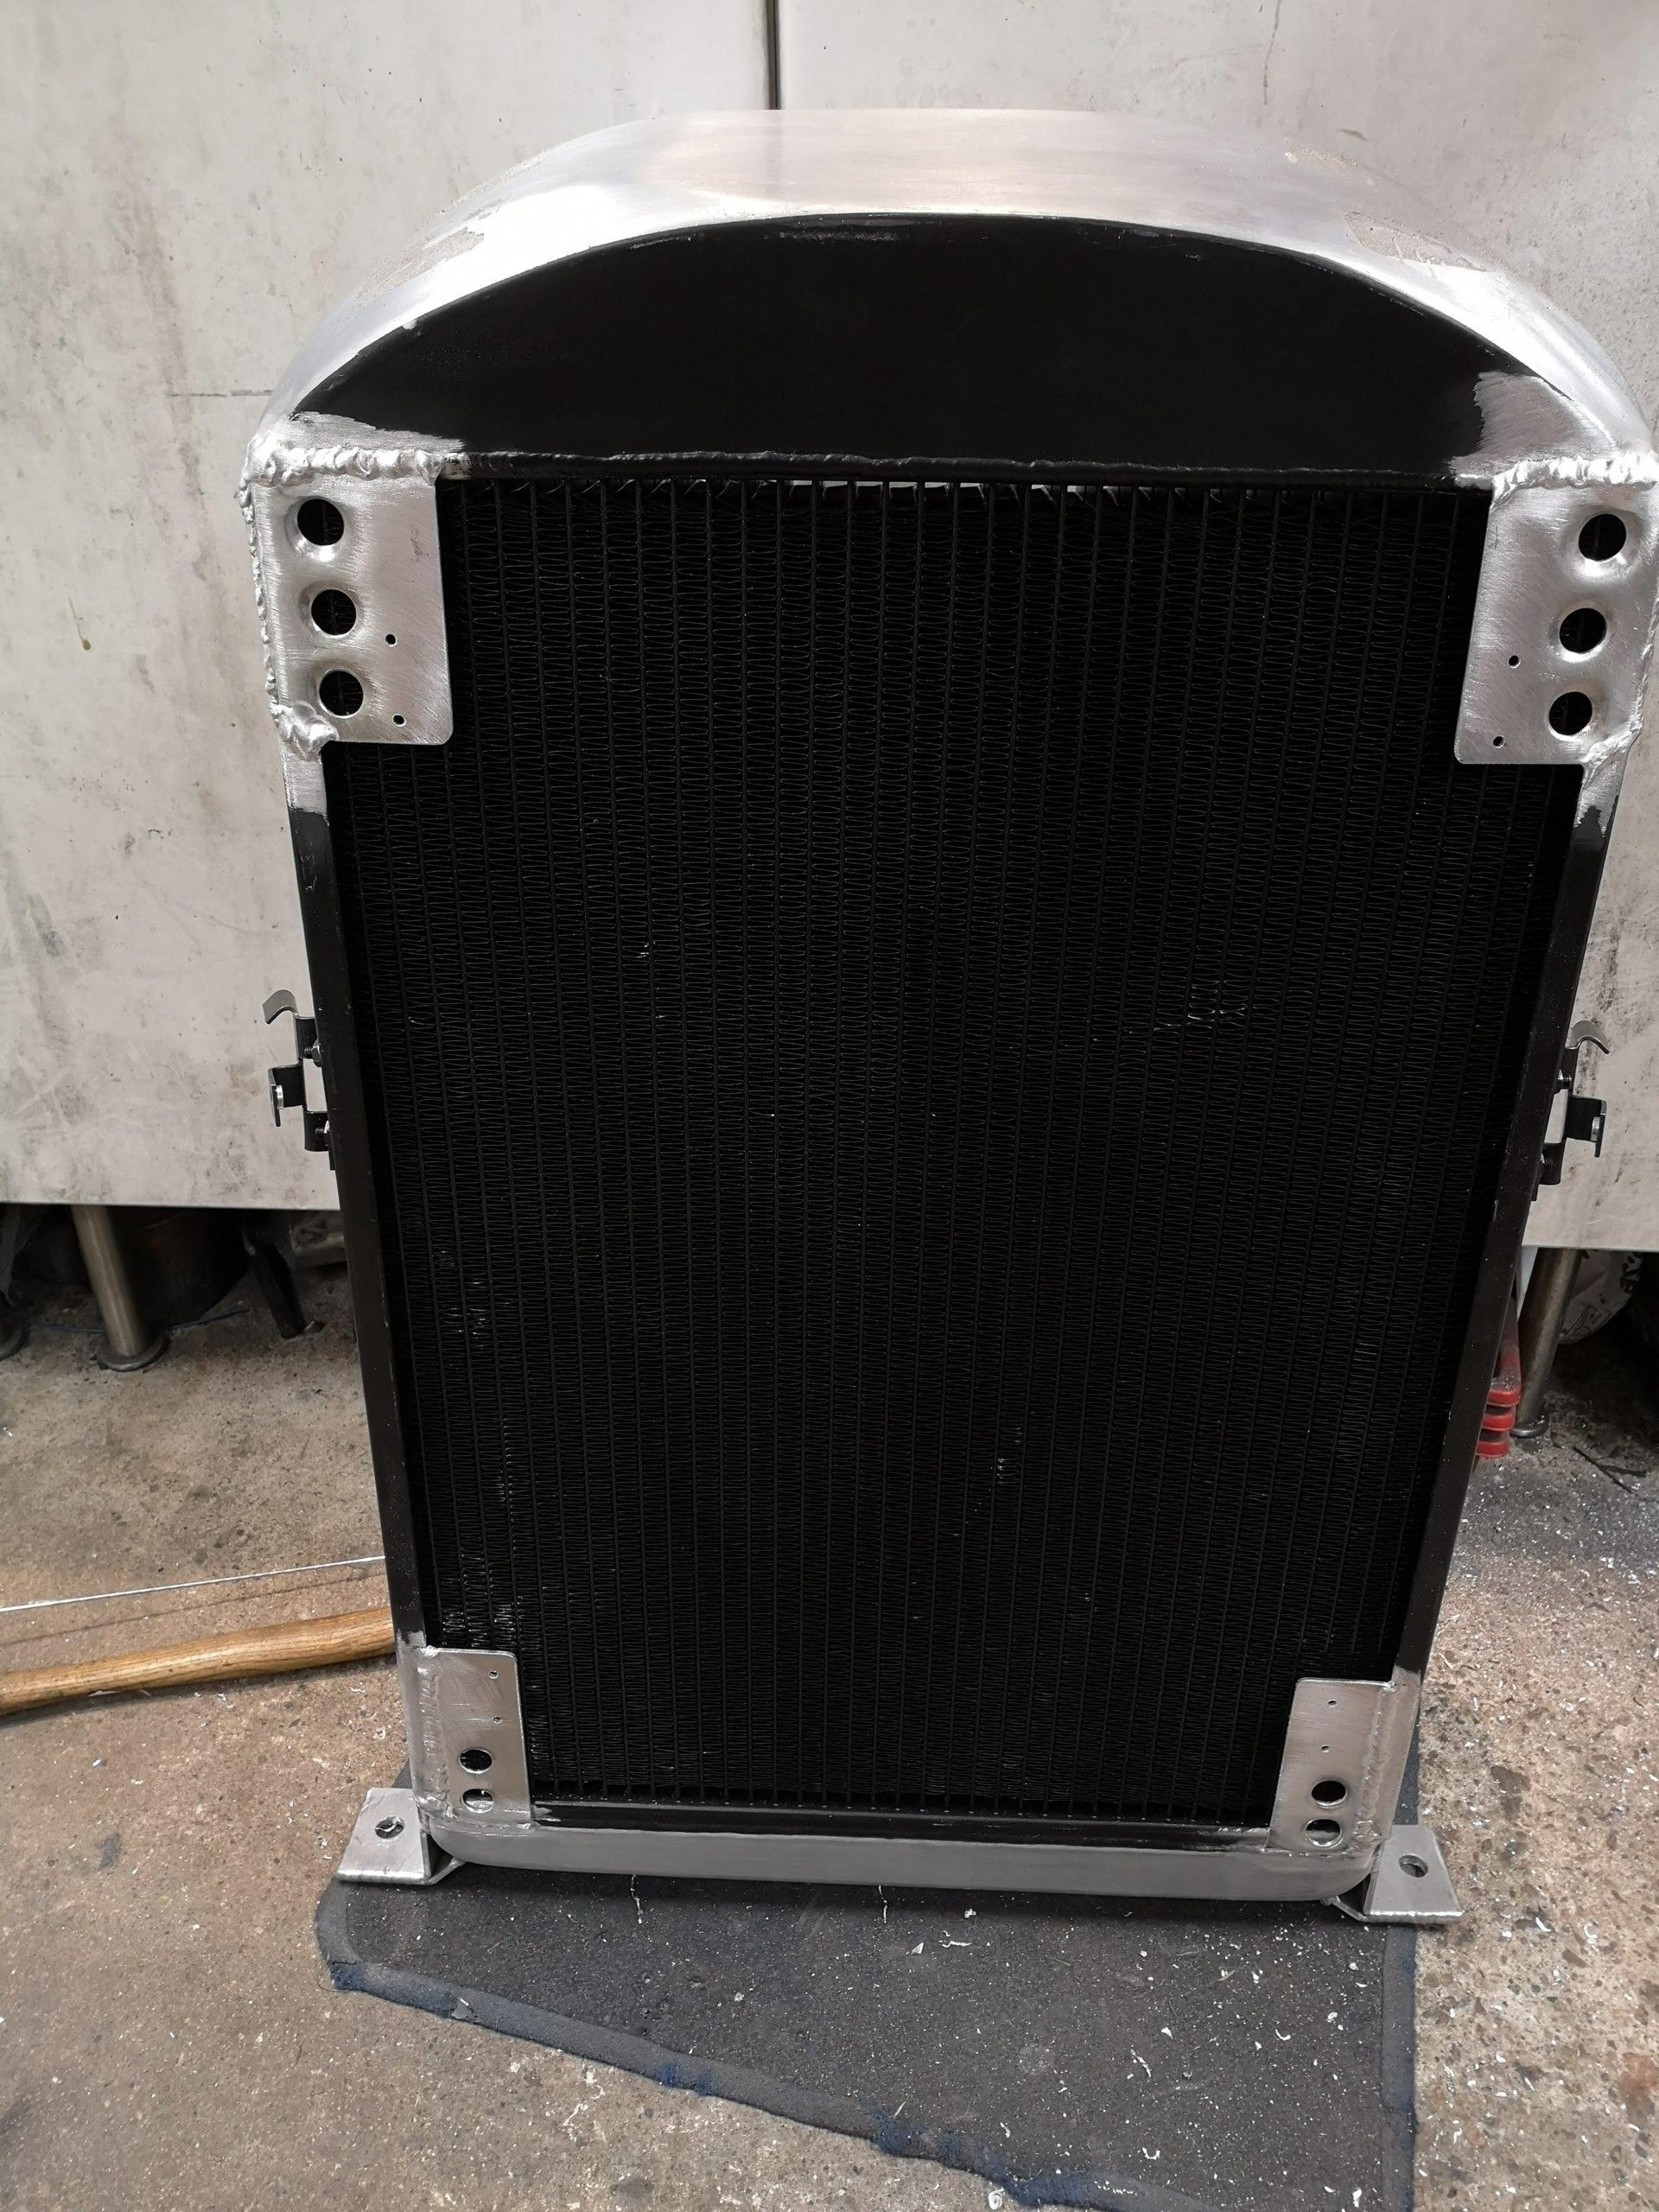 Fäste till AC-kondensorn svetsas i kylaren